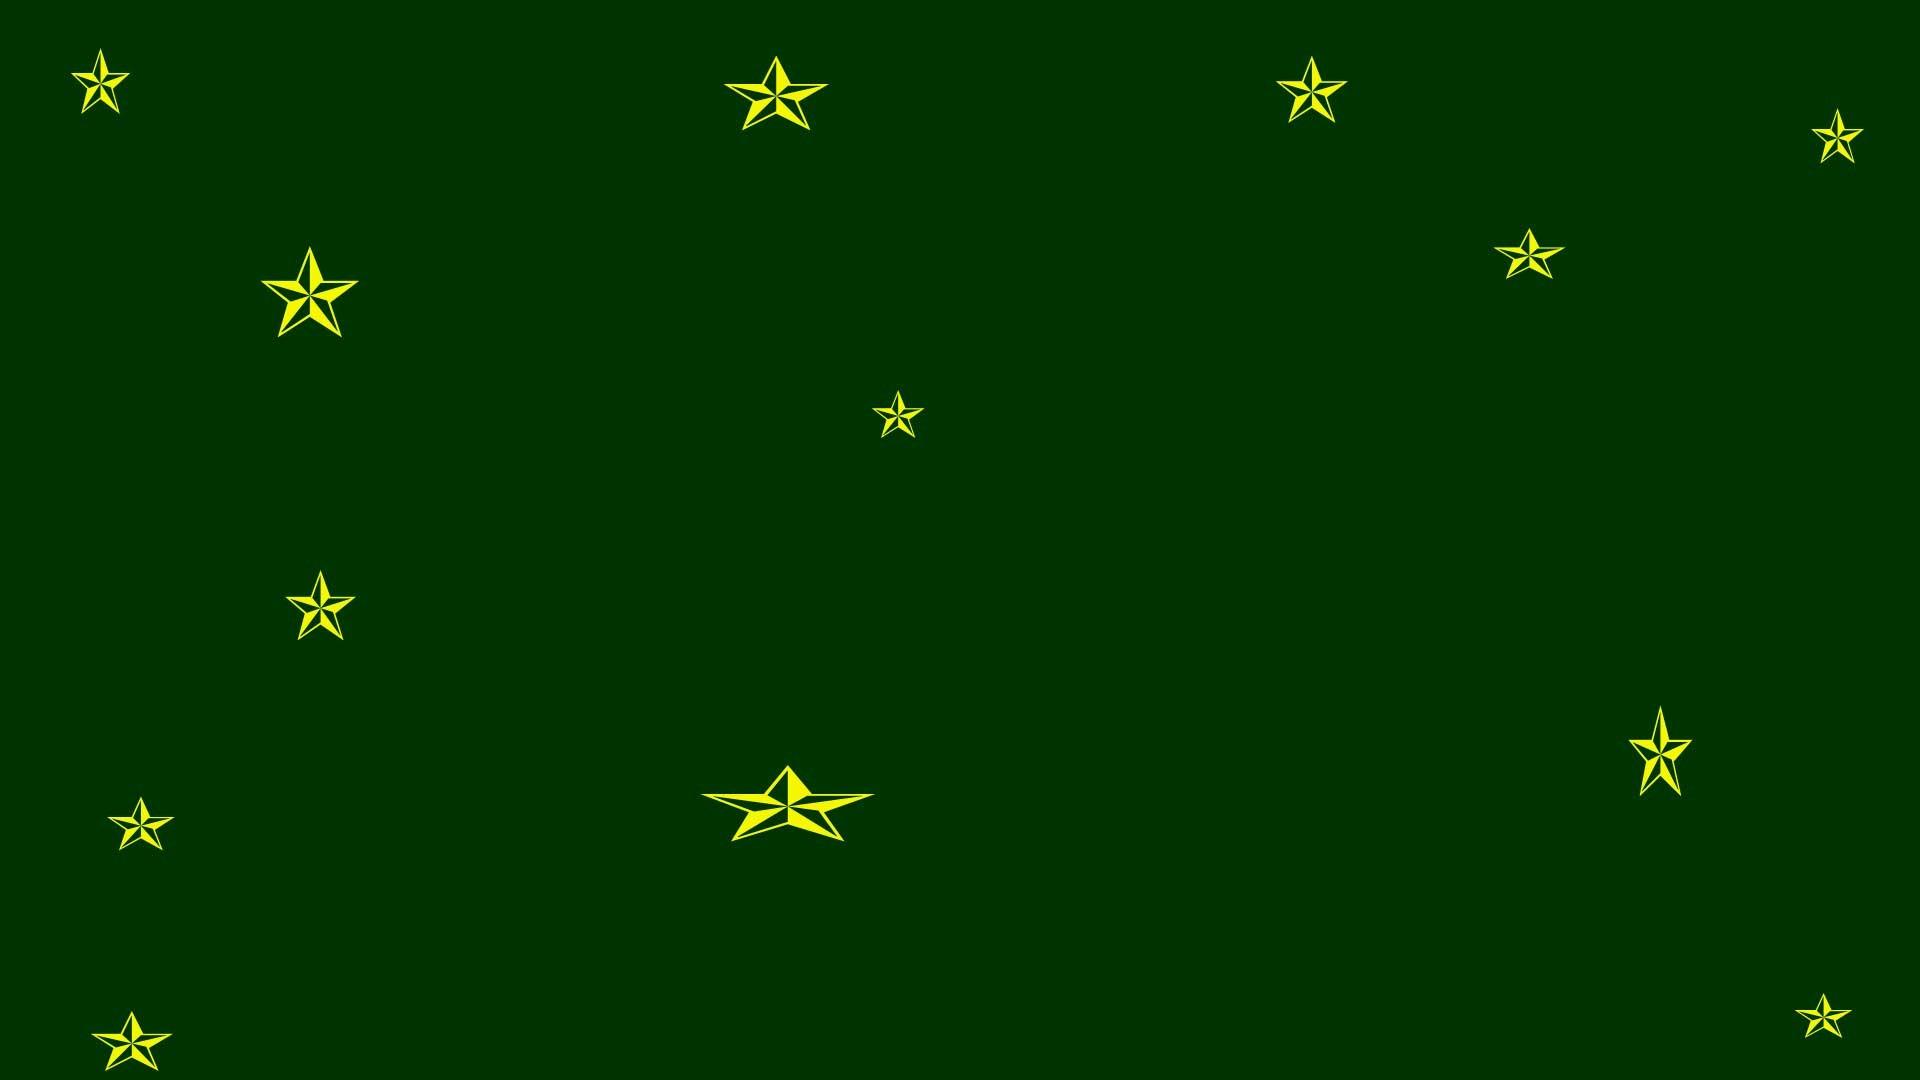 Dark Green Background, Gold Stars – Free